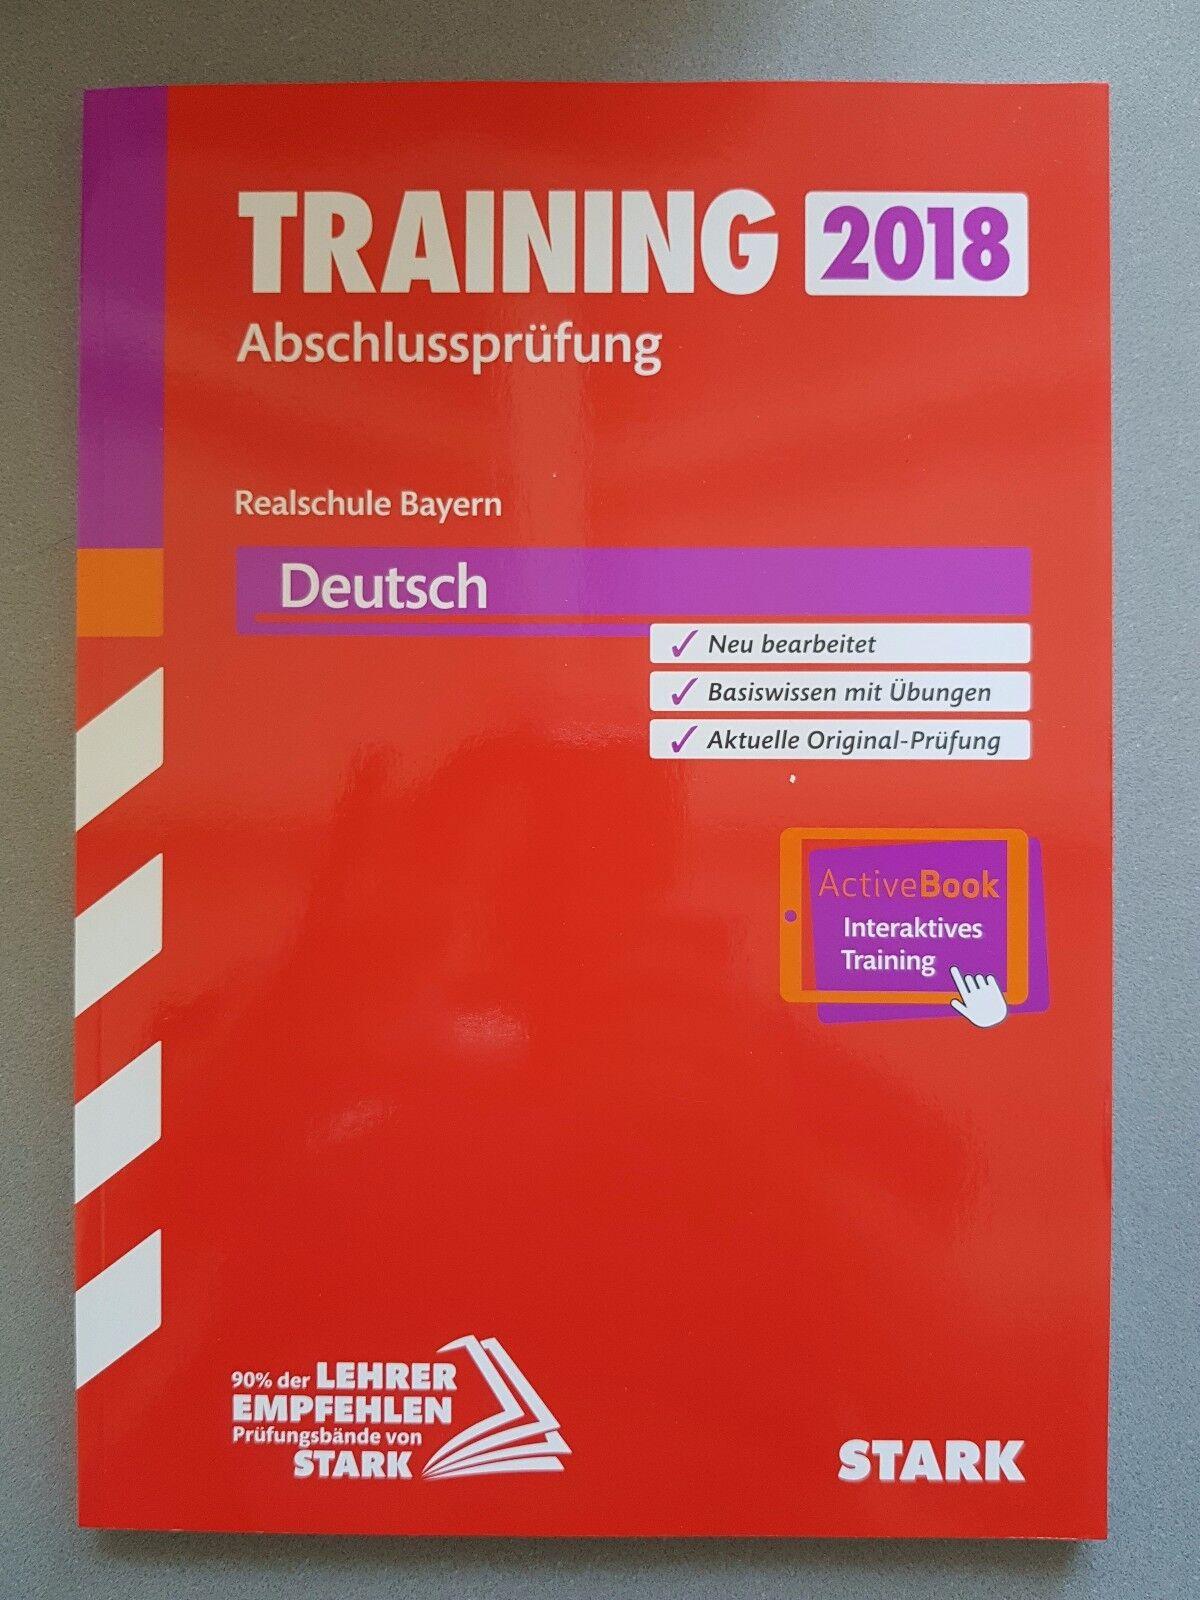 Training Abschlussprüfung 2018 Realschule Bayern